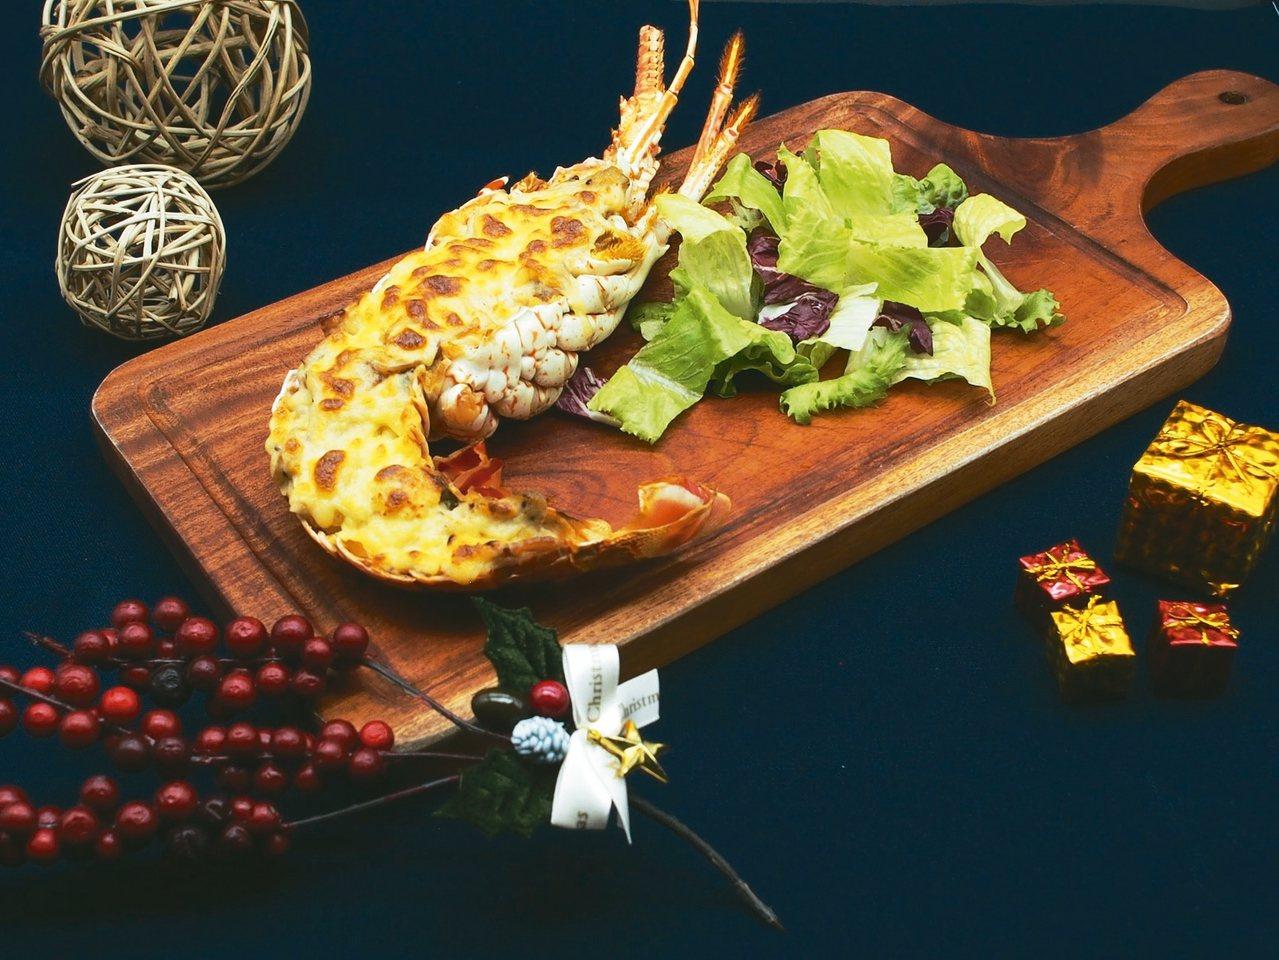 焗烤半尾澳洲龍蝦。 業者/提供